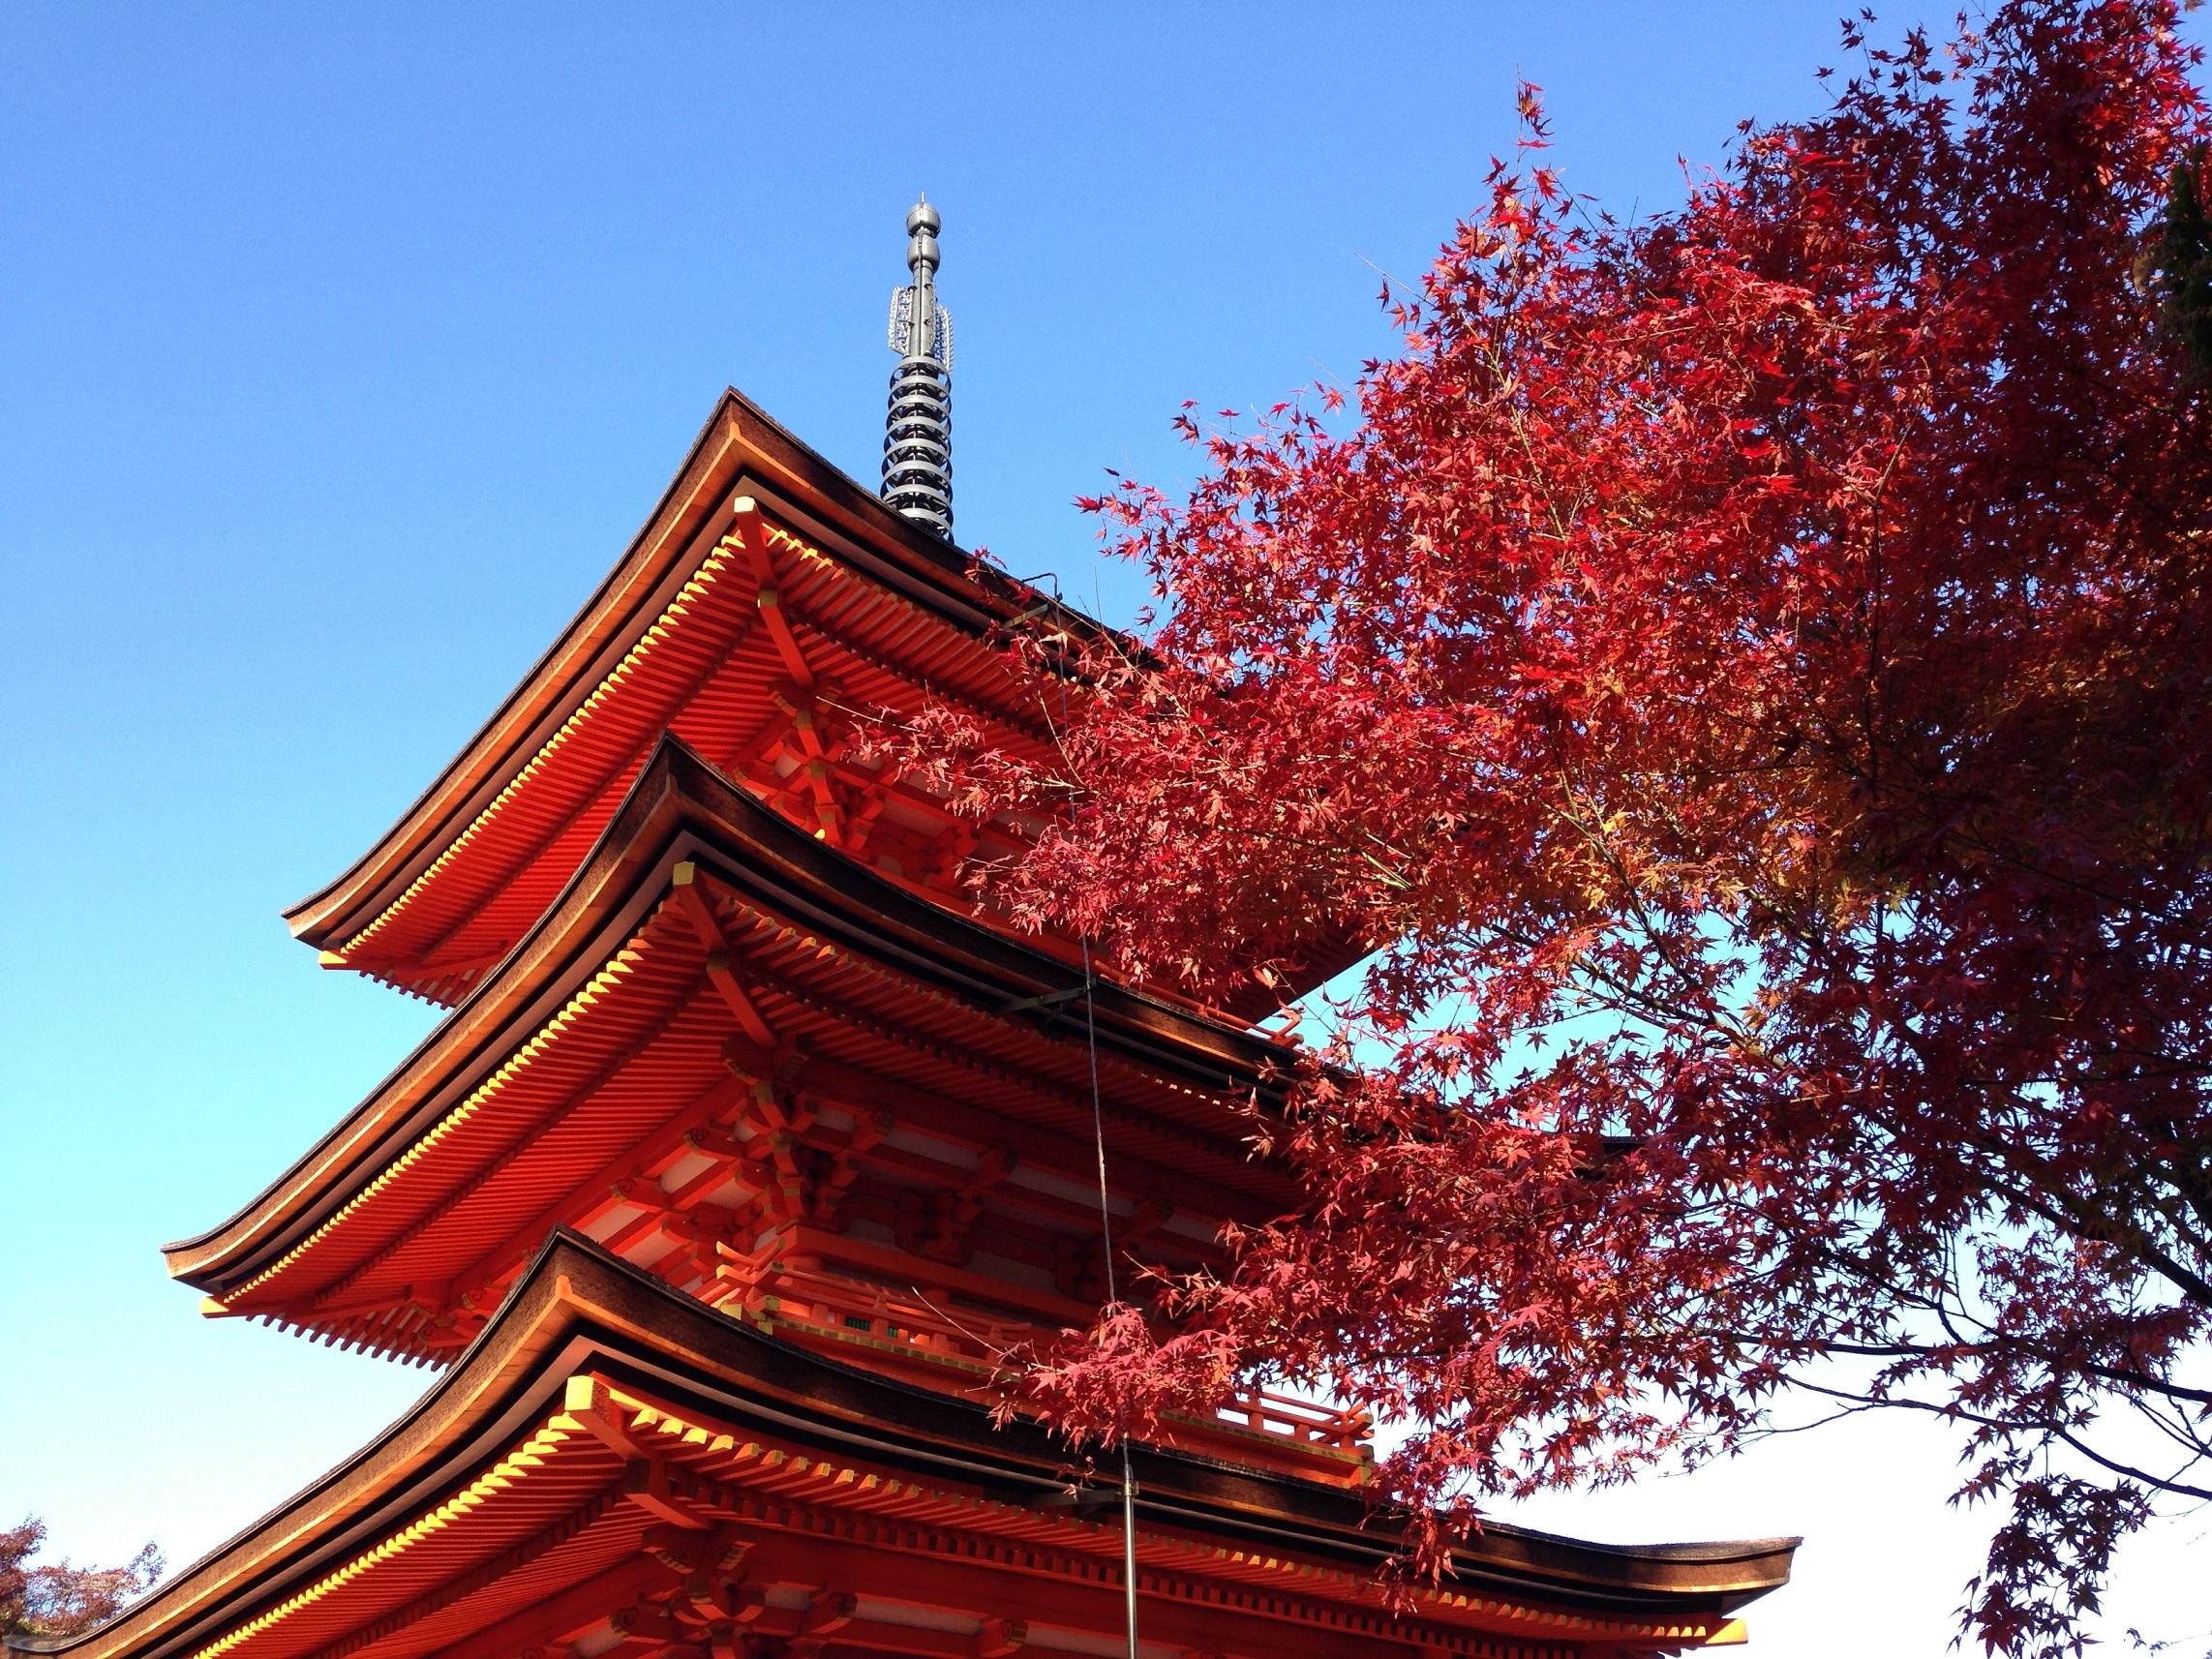 Hpagoda-near-kiyomizudera